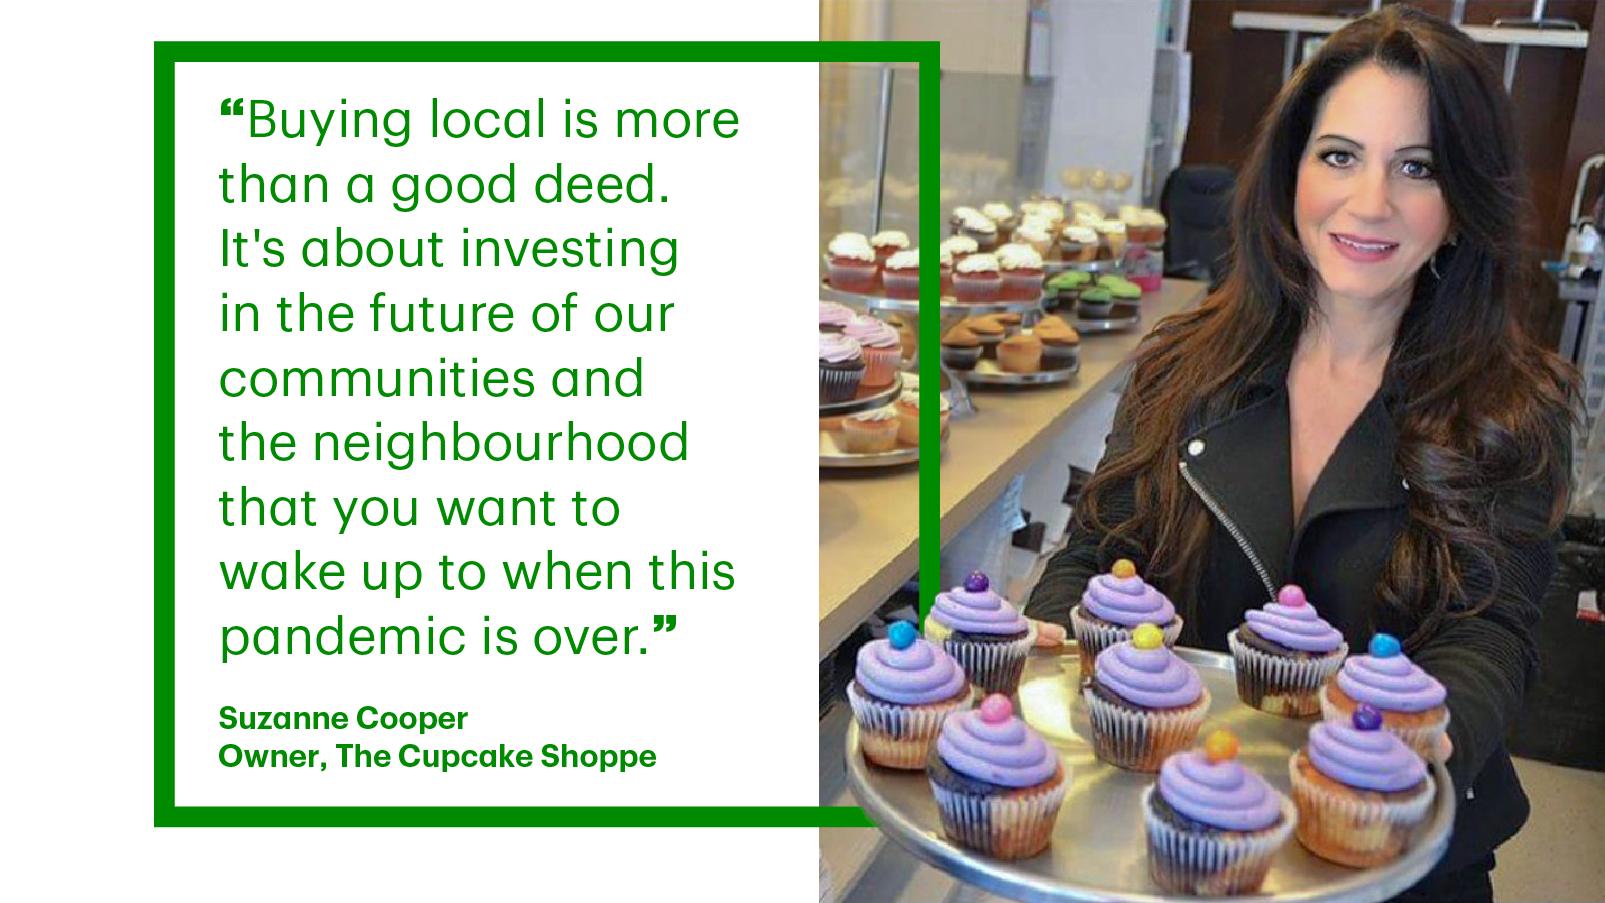 Suzanne Cooper The Cupcake Shoppe